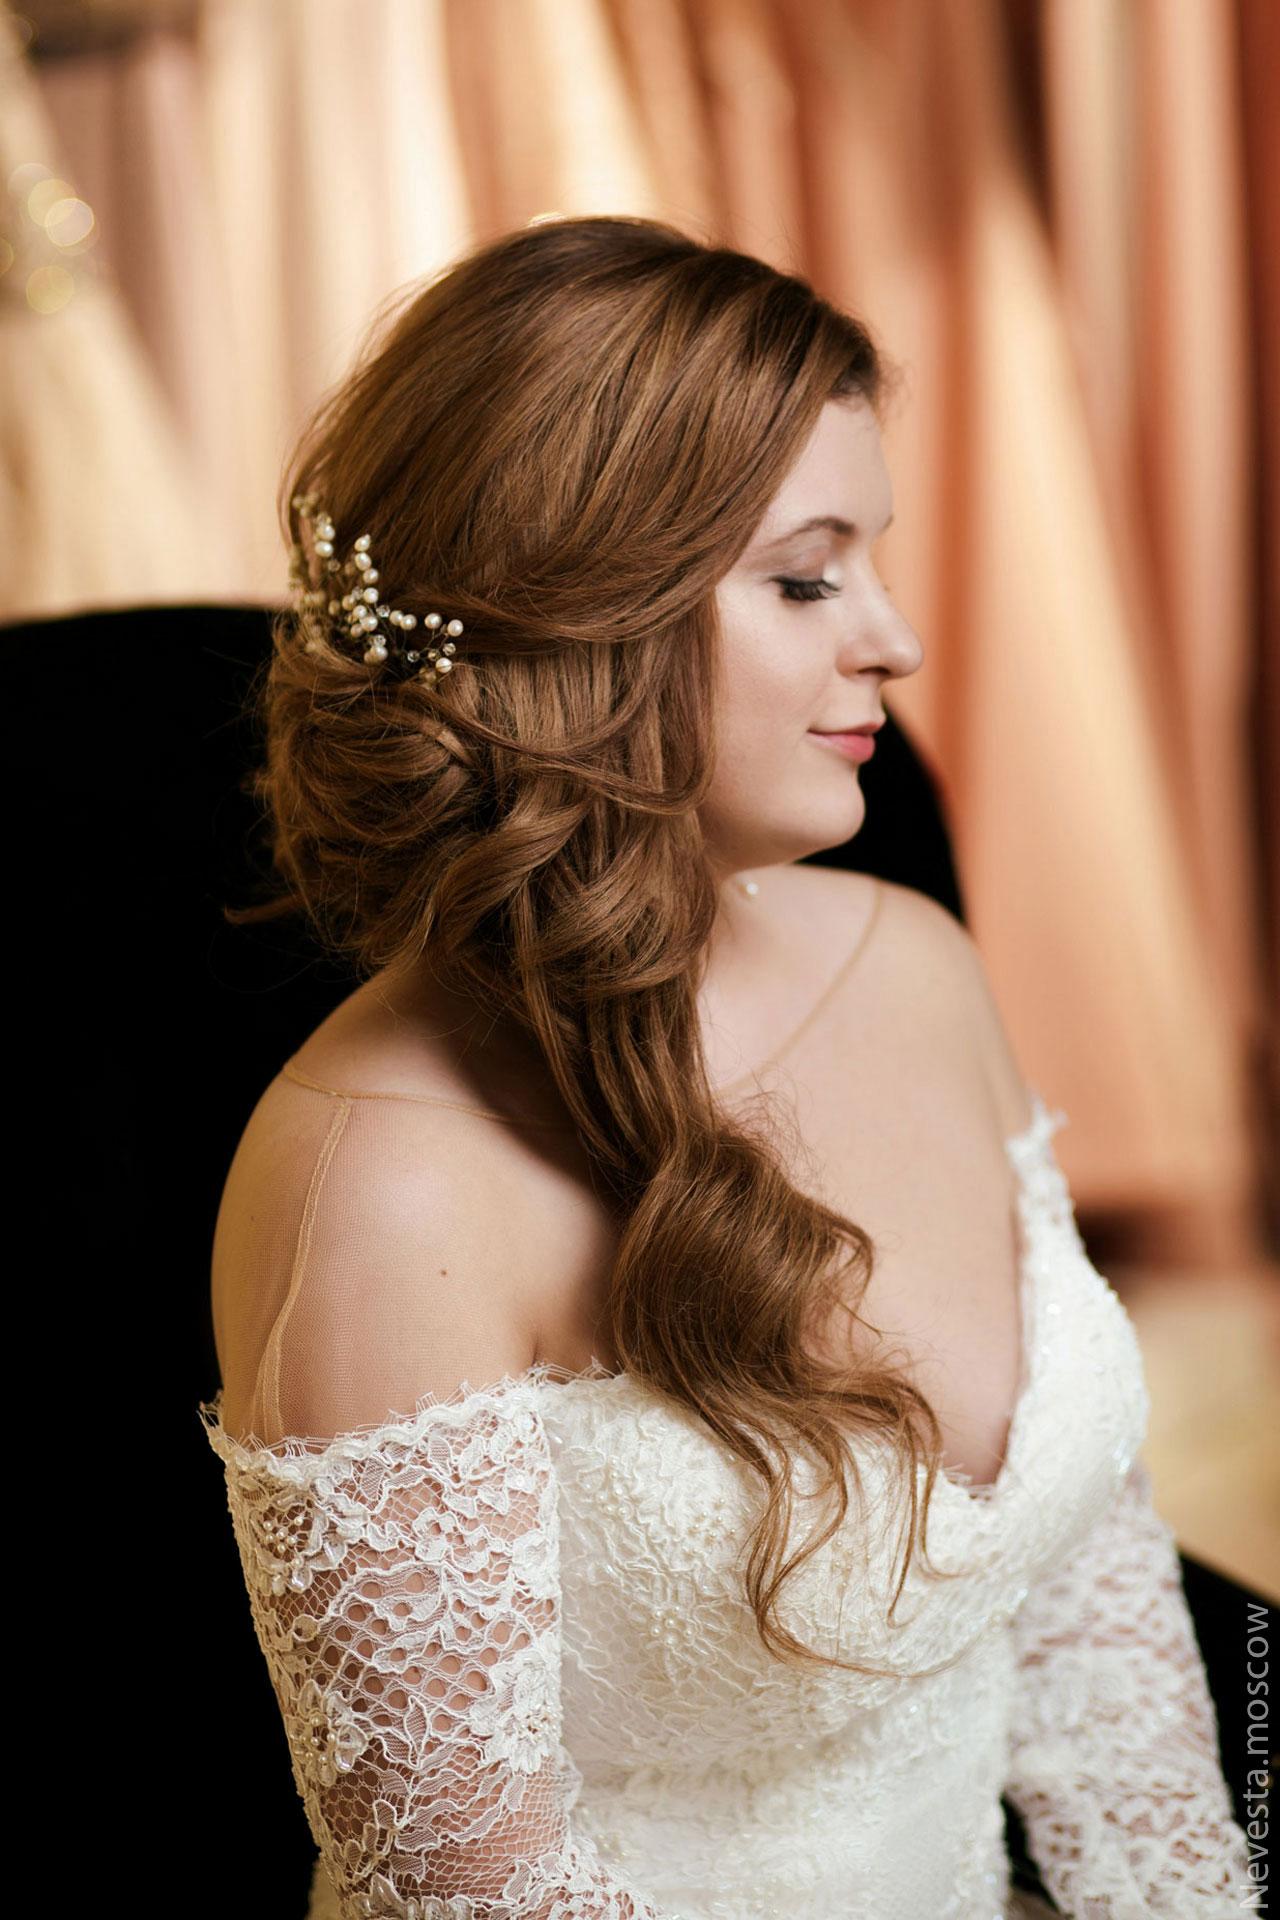 Анастасия Денисова выбирает образ для своей свадьбы фото 24